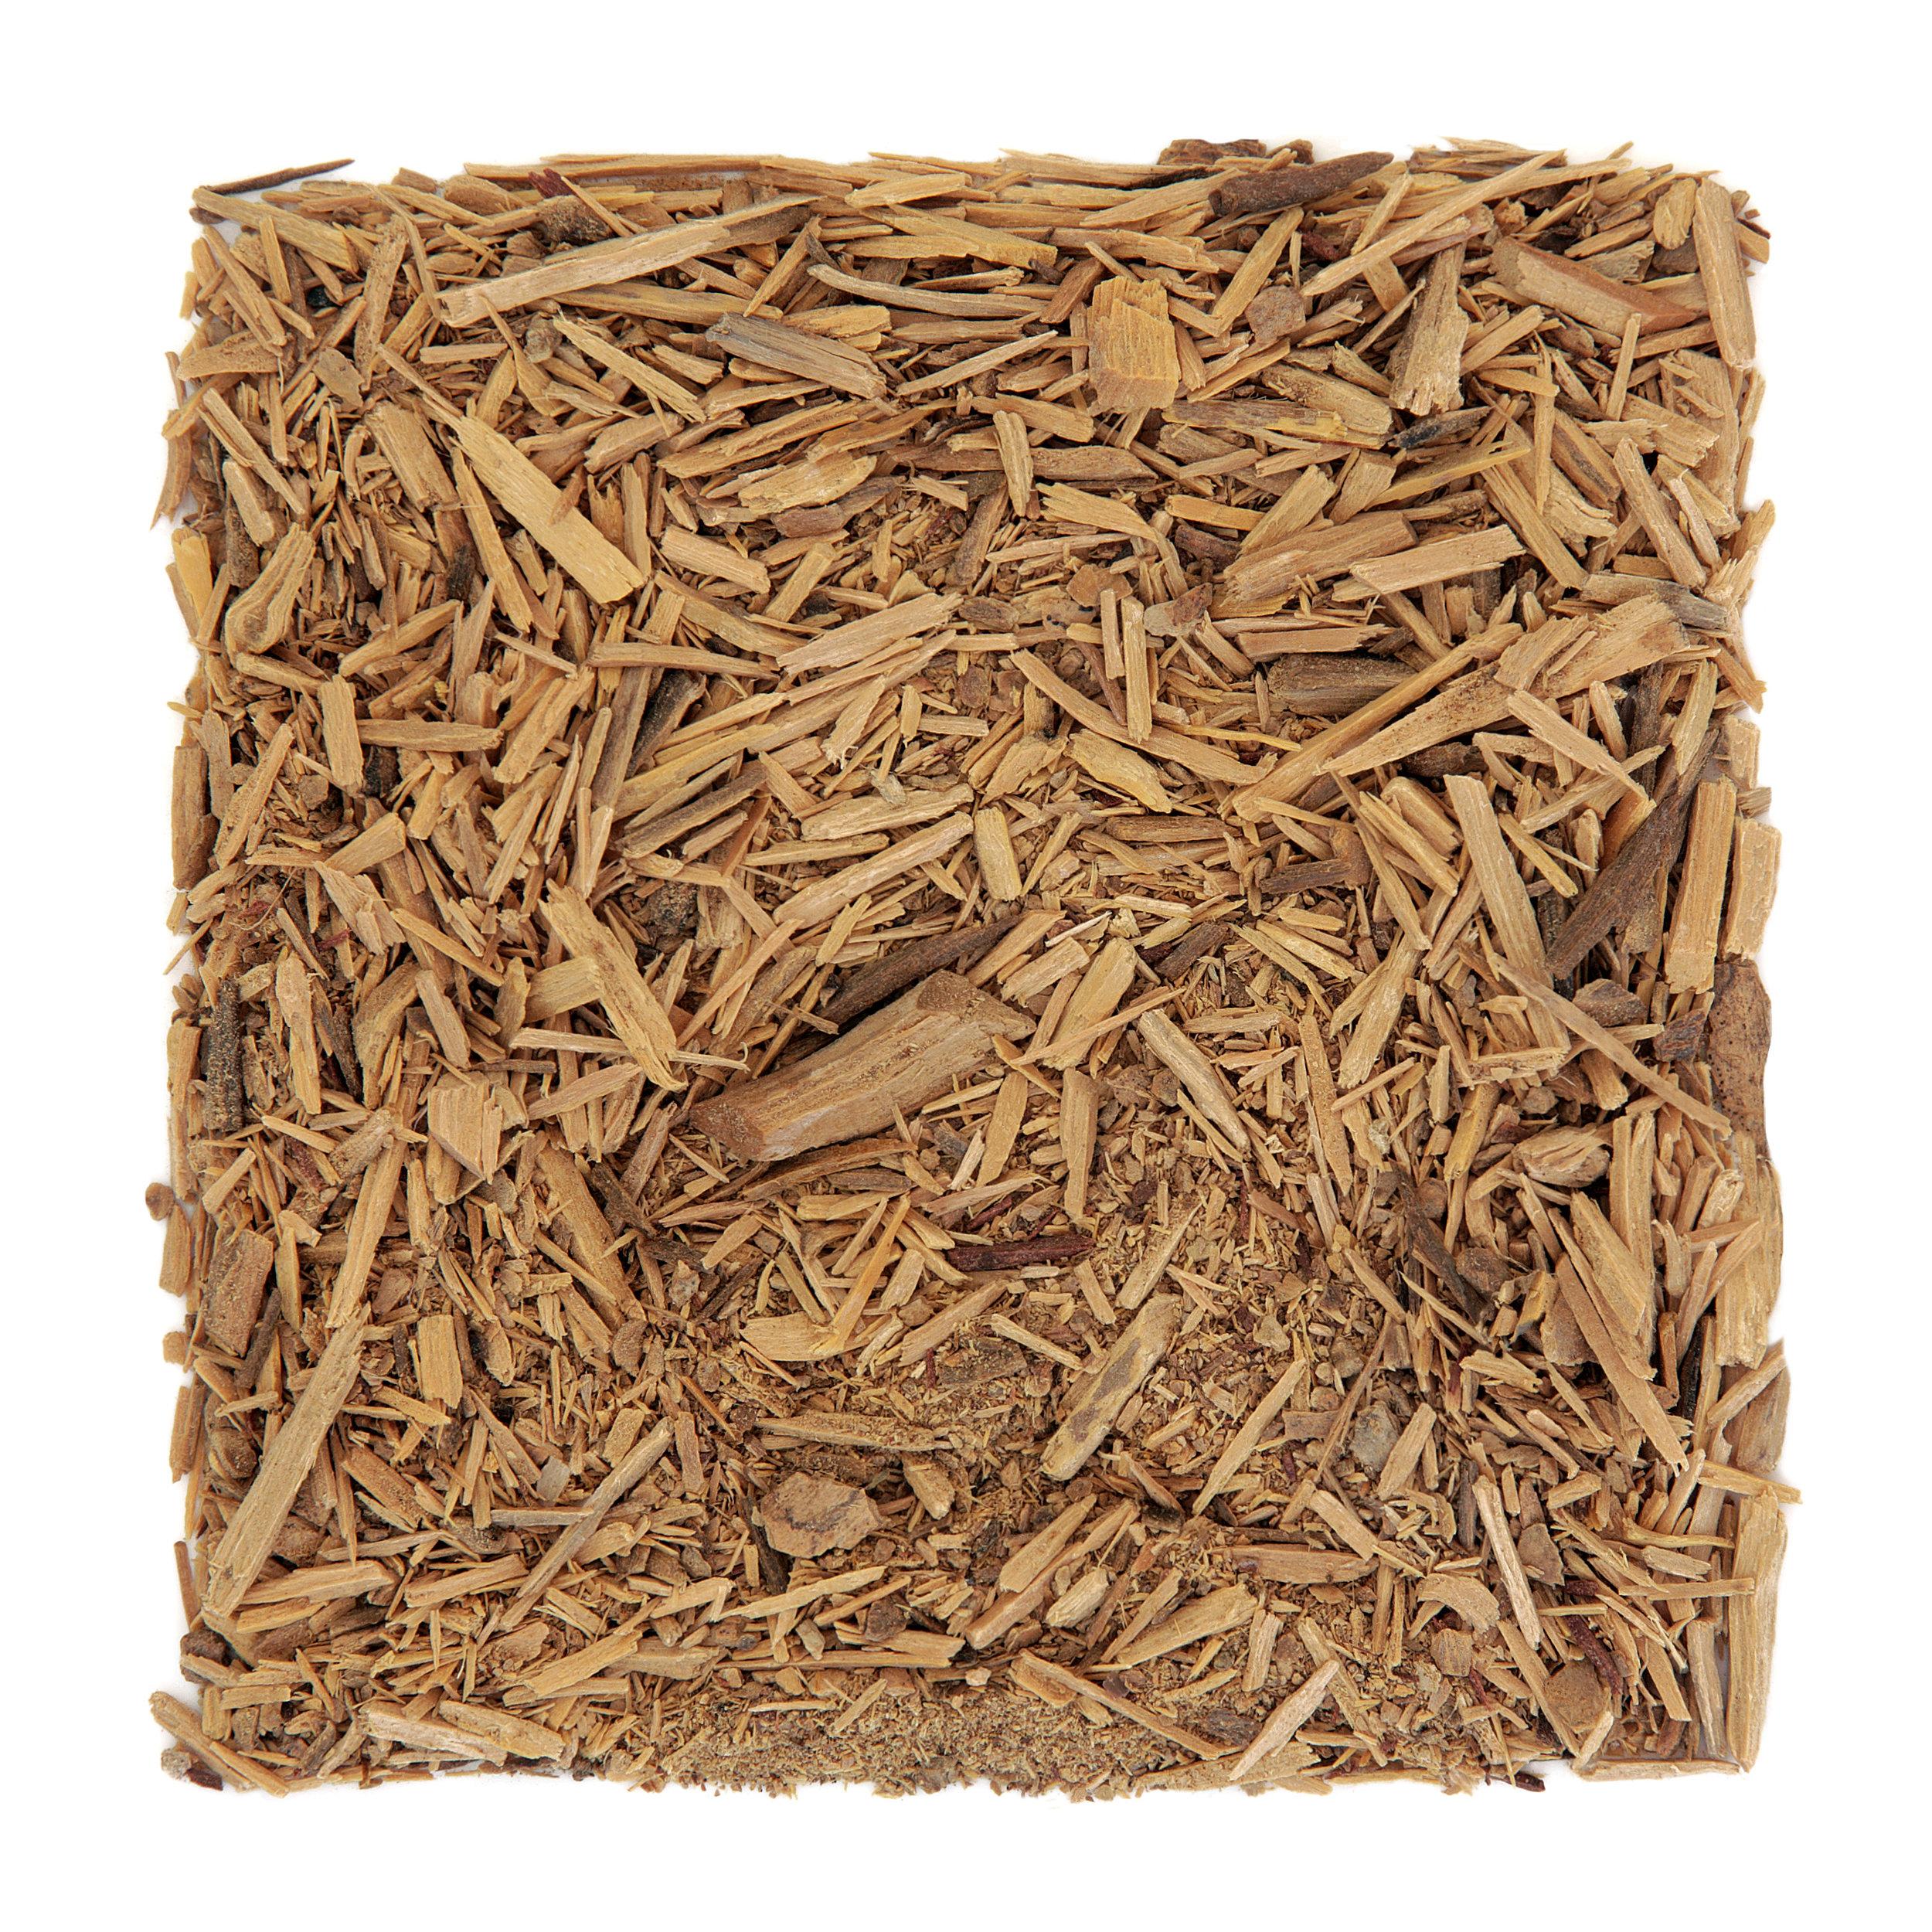 muira puama potency wood.jpeg